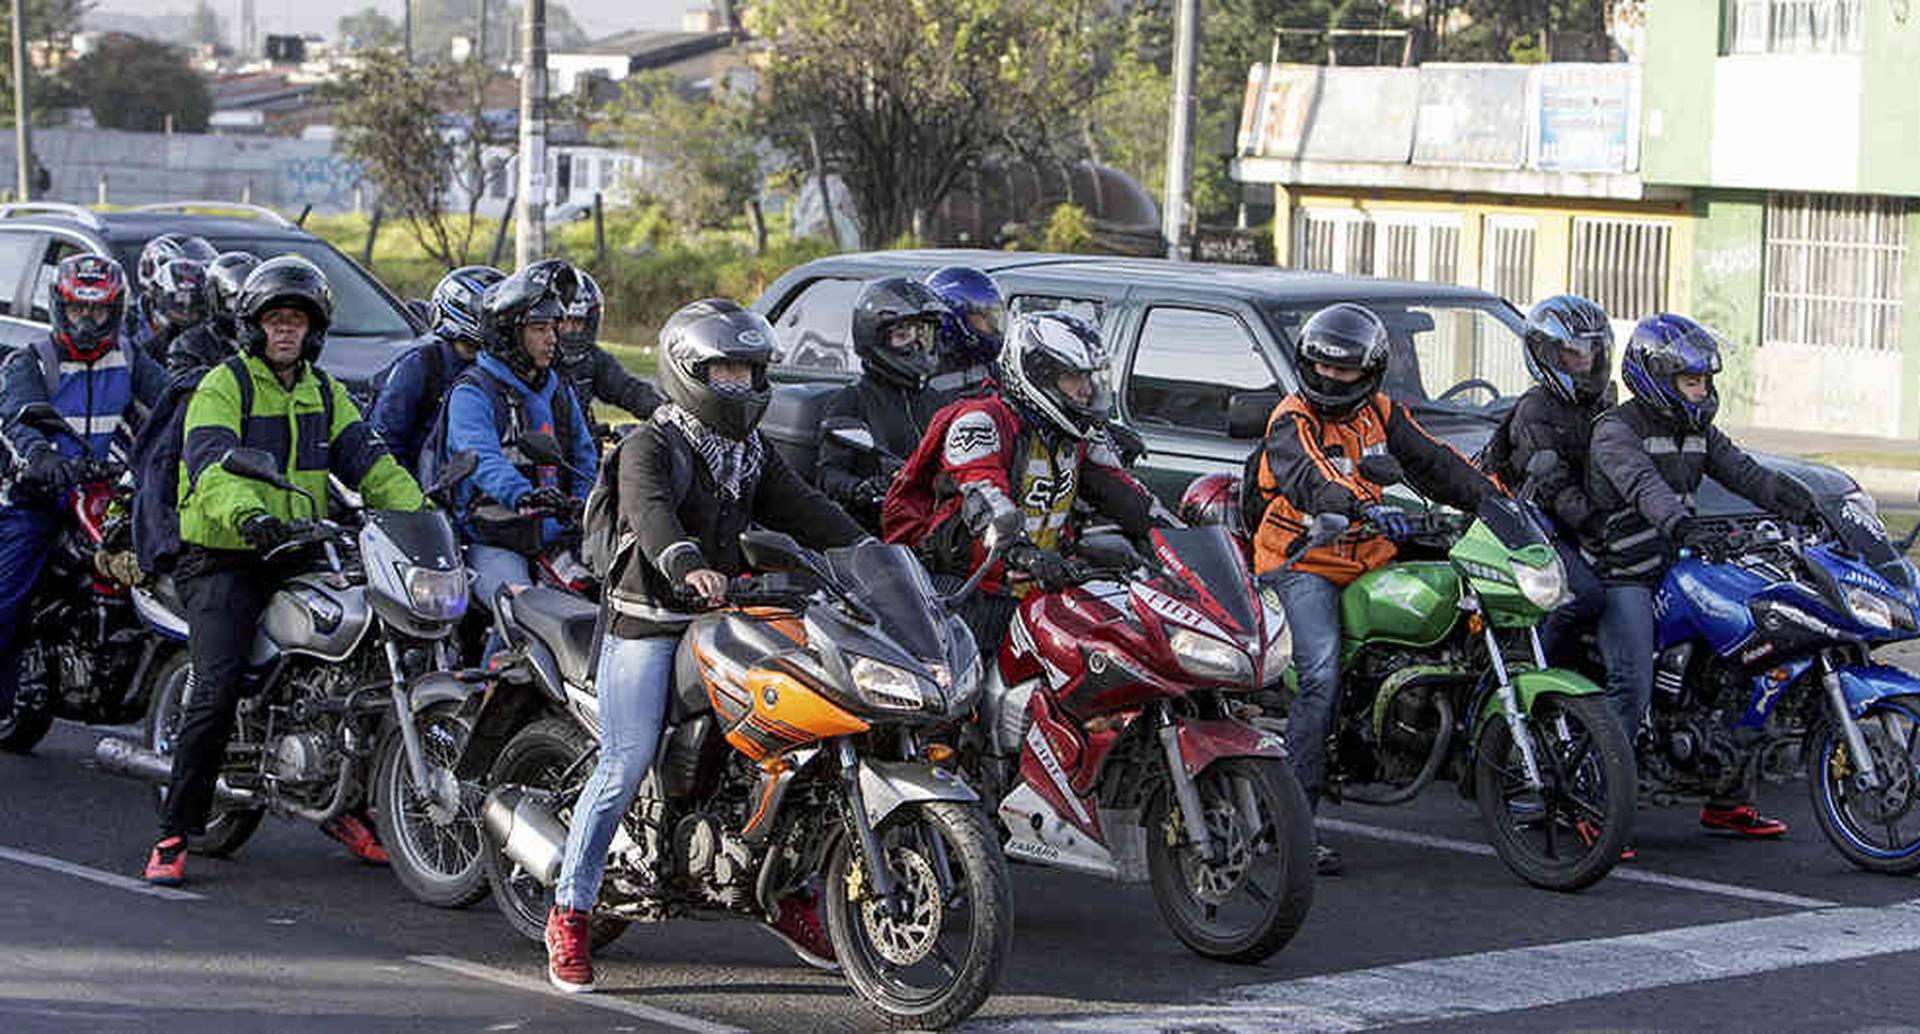 Motociclistas radicarán demanda contra el Código de Tránsito en Colombia